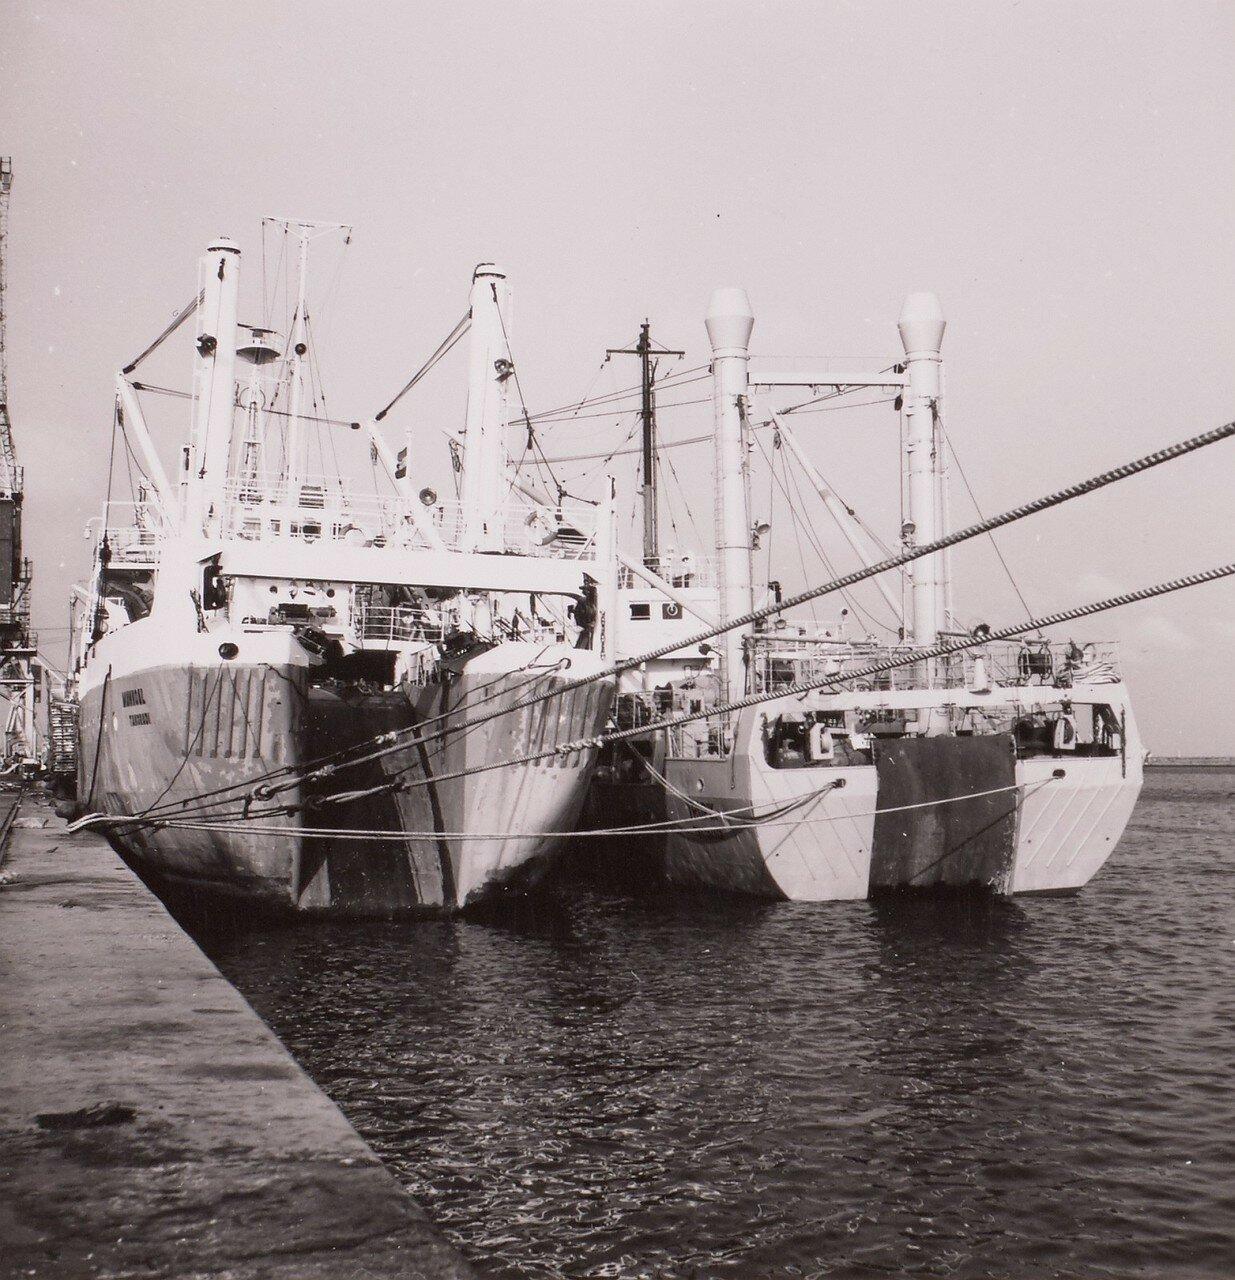 Гана. Тема. Корабли рыболовного флота в порту